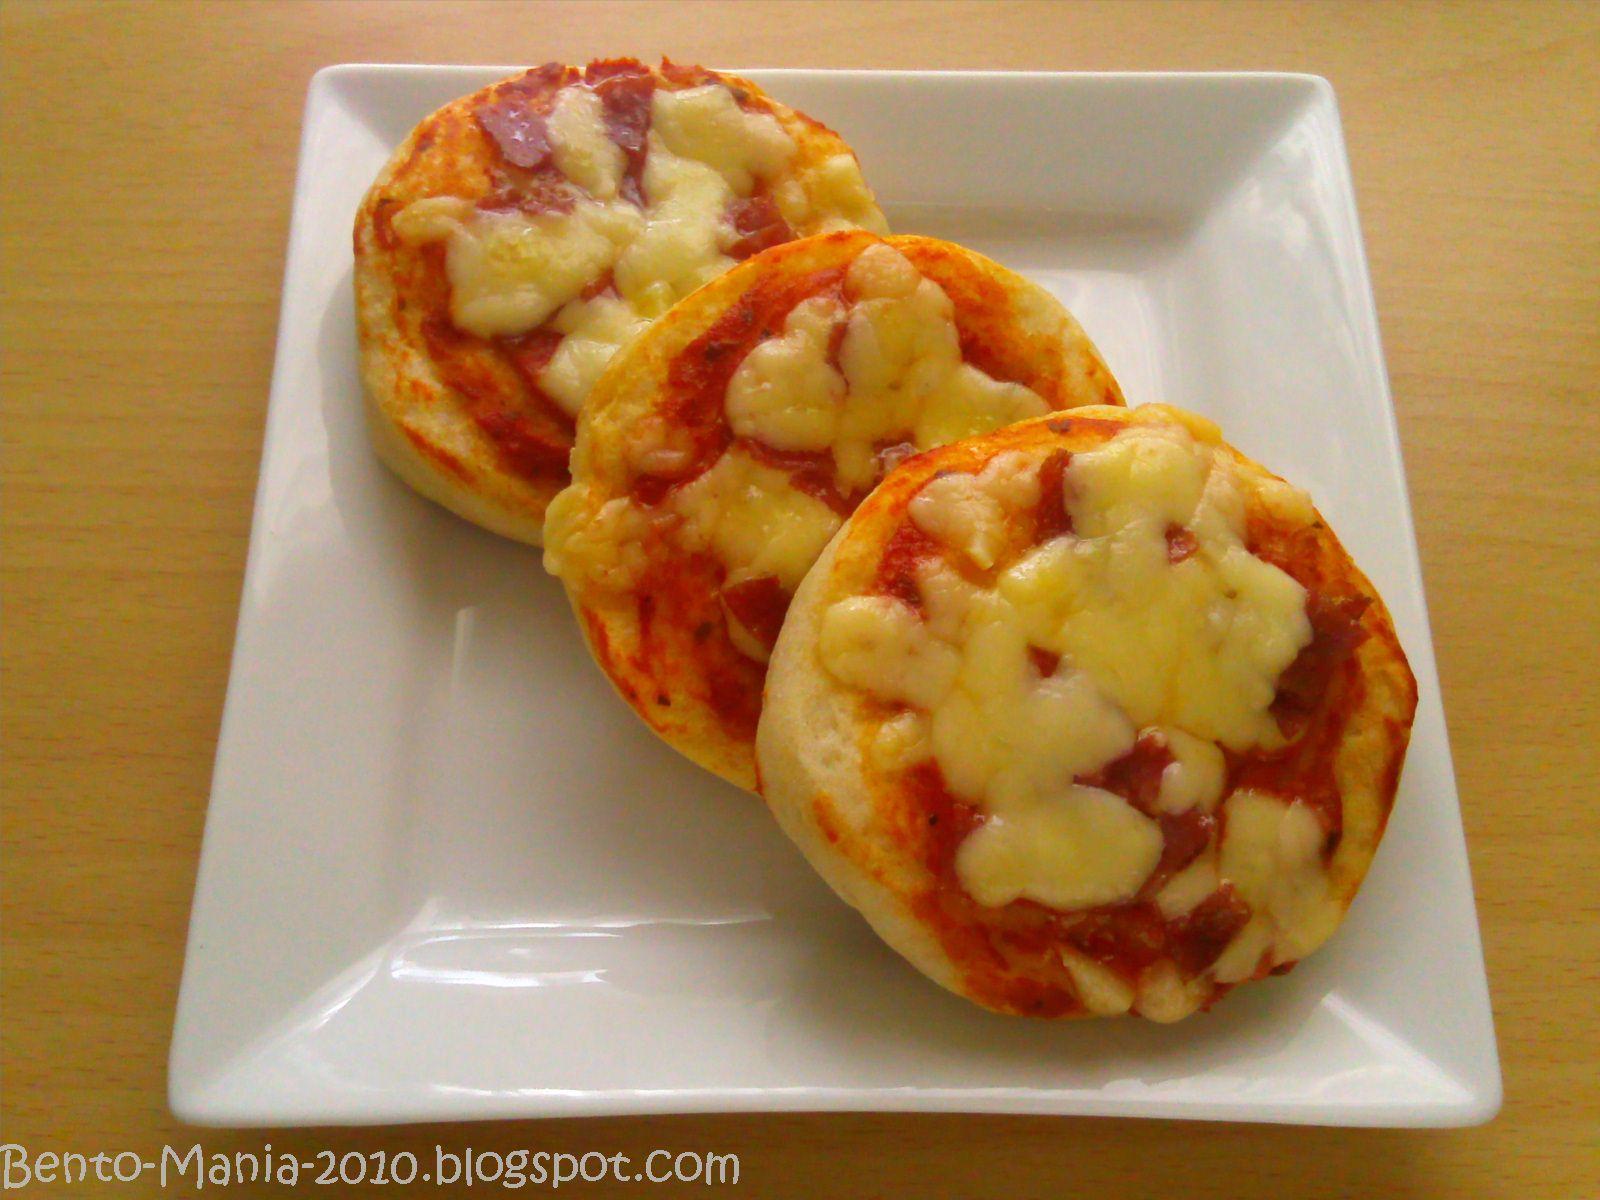 bento mania verr ckt nach der japanischen lunch box rezept superschnelle mini pizza f rs bento. Black Bedroom Furniture Sets. Home Design Ideas